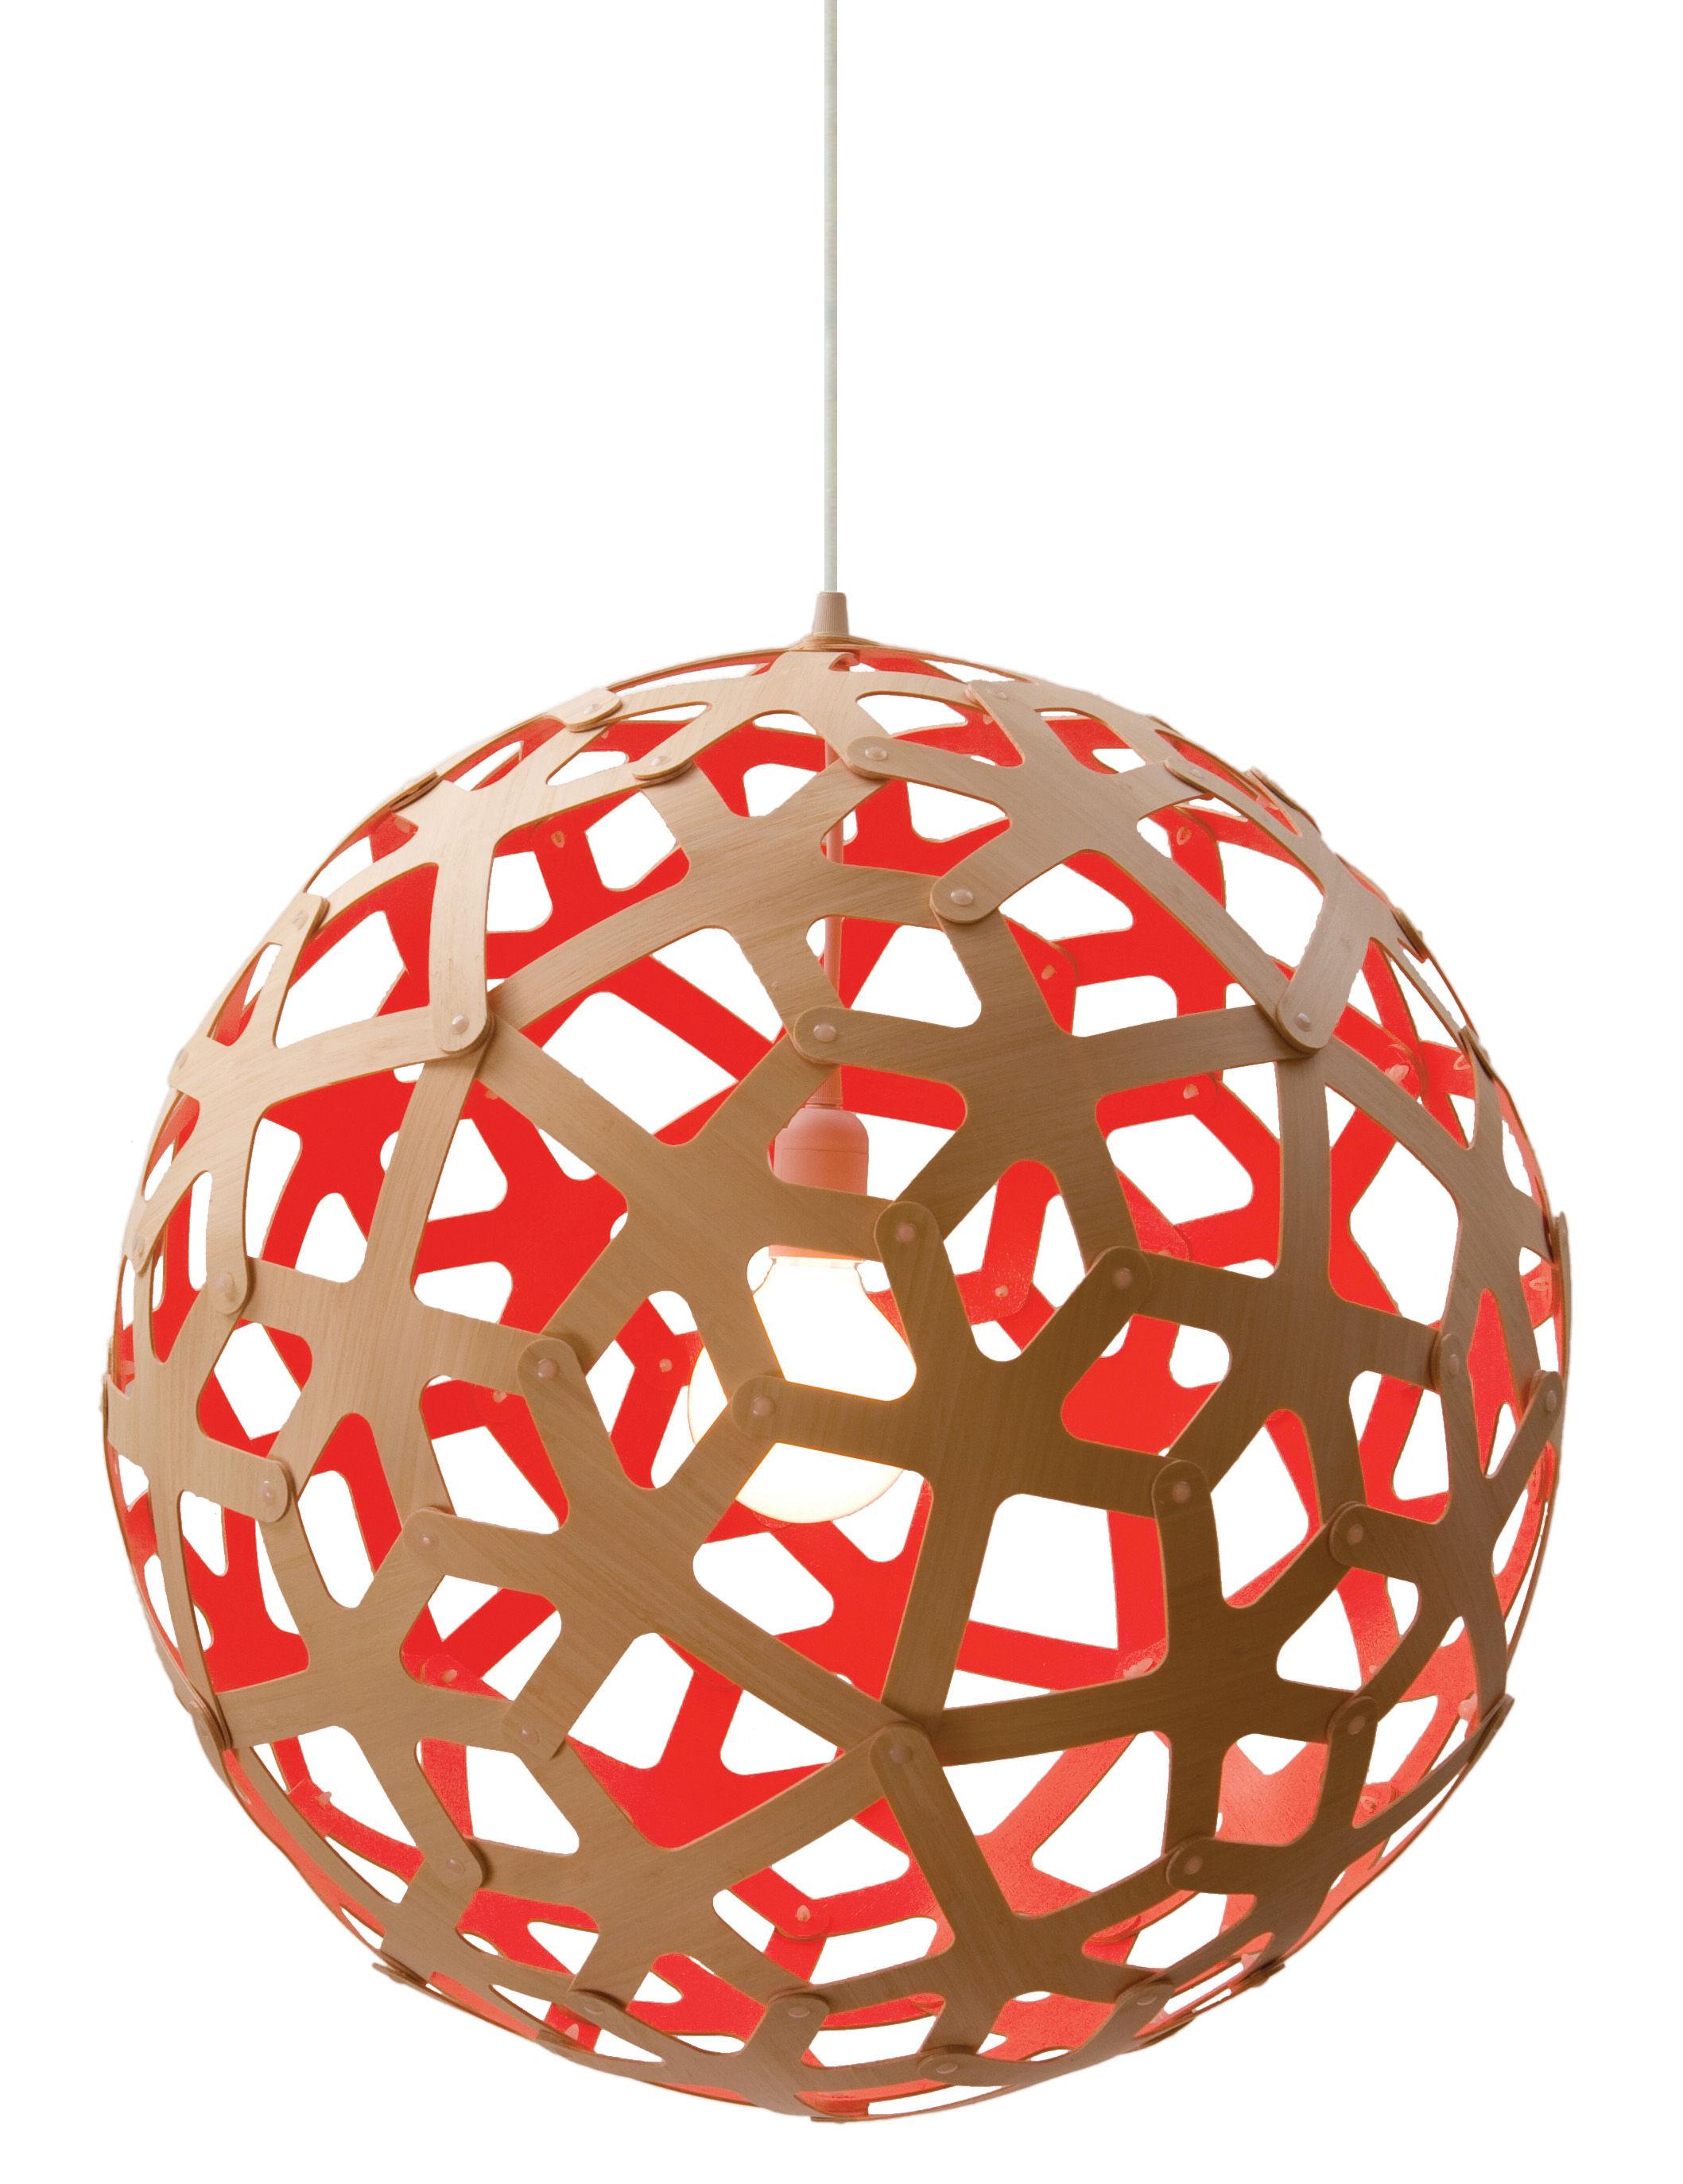 Illuminazione - Lampadari - Sospensione Coral - Ø 60 cm - Bicolore - Esclusiva web di David Trubridge - Rosso / legno naturale - Pino